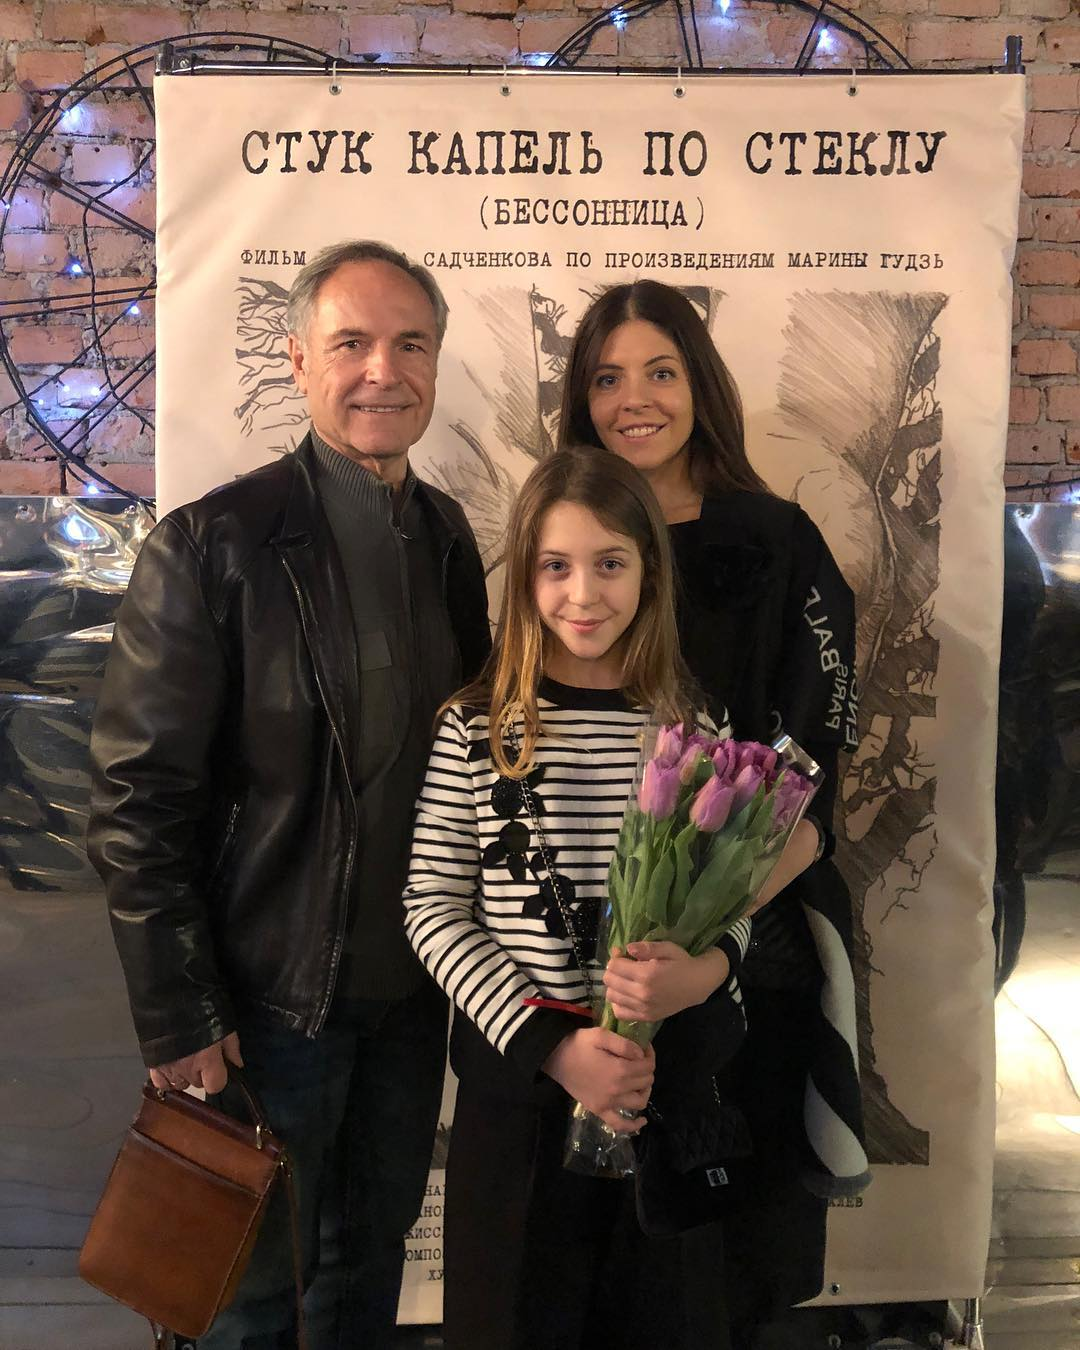 Родион Нахапетов с дочерью Анной и внучкой Полиной Симачевой